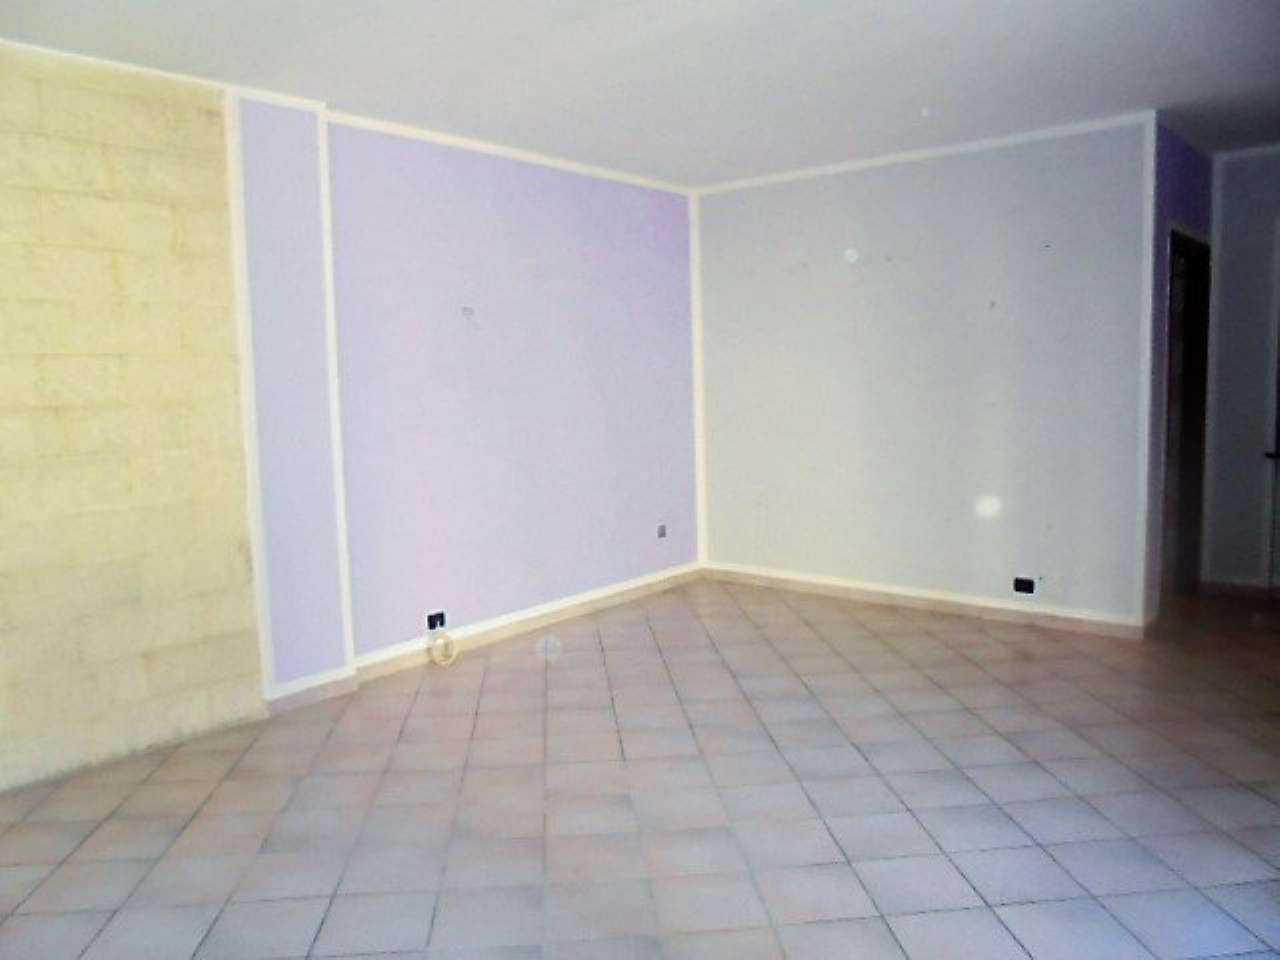 Soluzione Semindipendente in vendita a Santena, 4 locali, prezzo € 190.000 | Cambio Casa.it